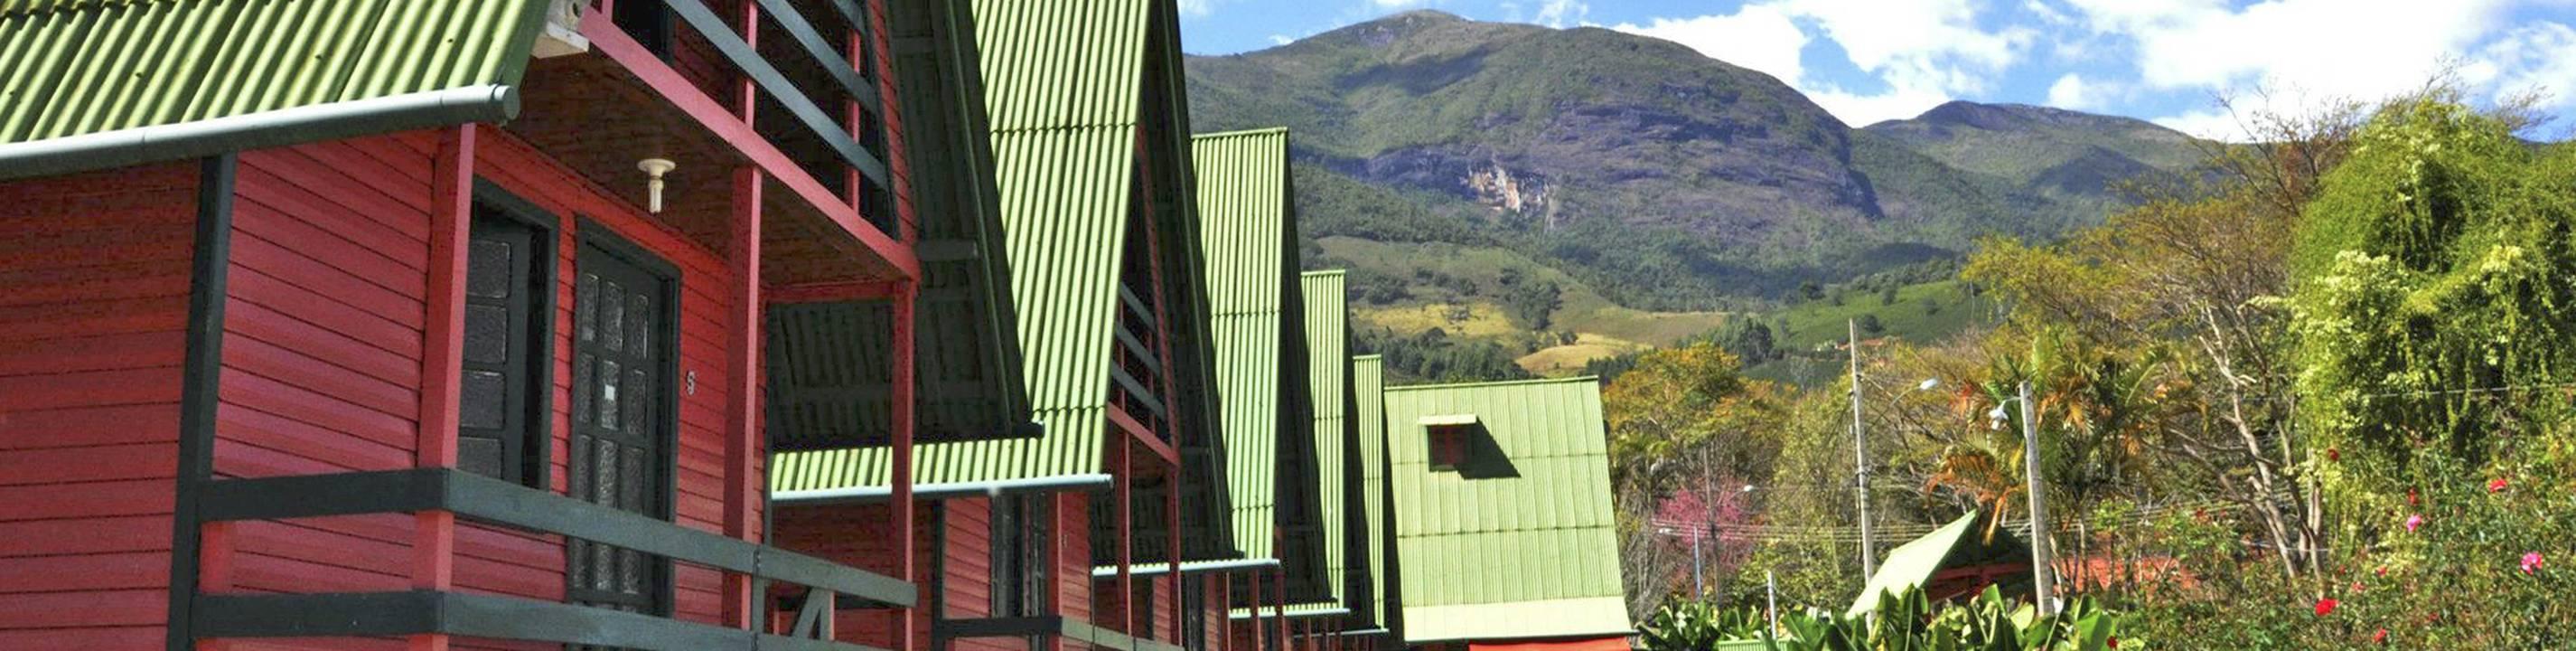 Pousada Chalé Pico da Bandeira: Opção de 2, 3 ou 4 Diárias